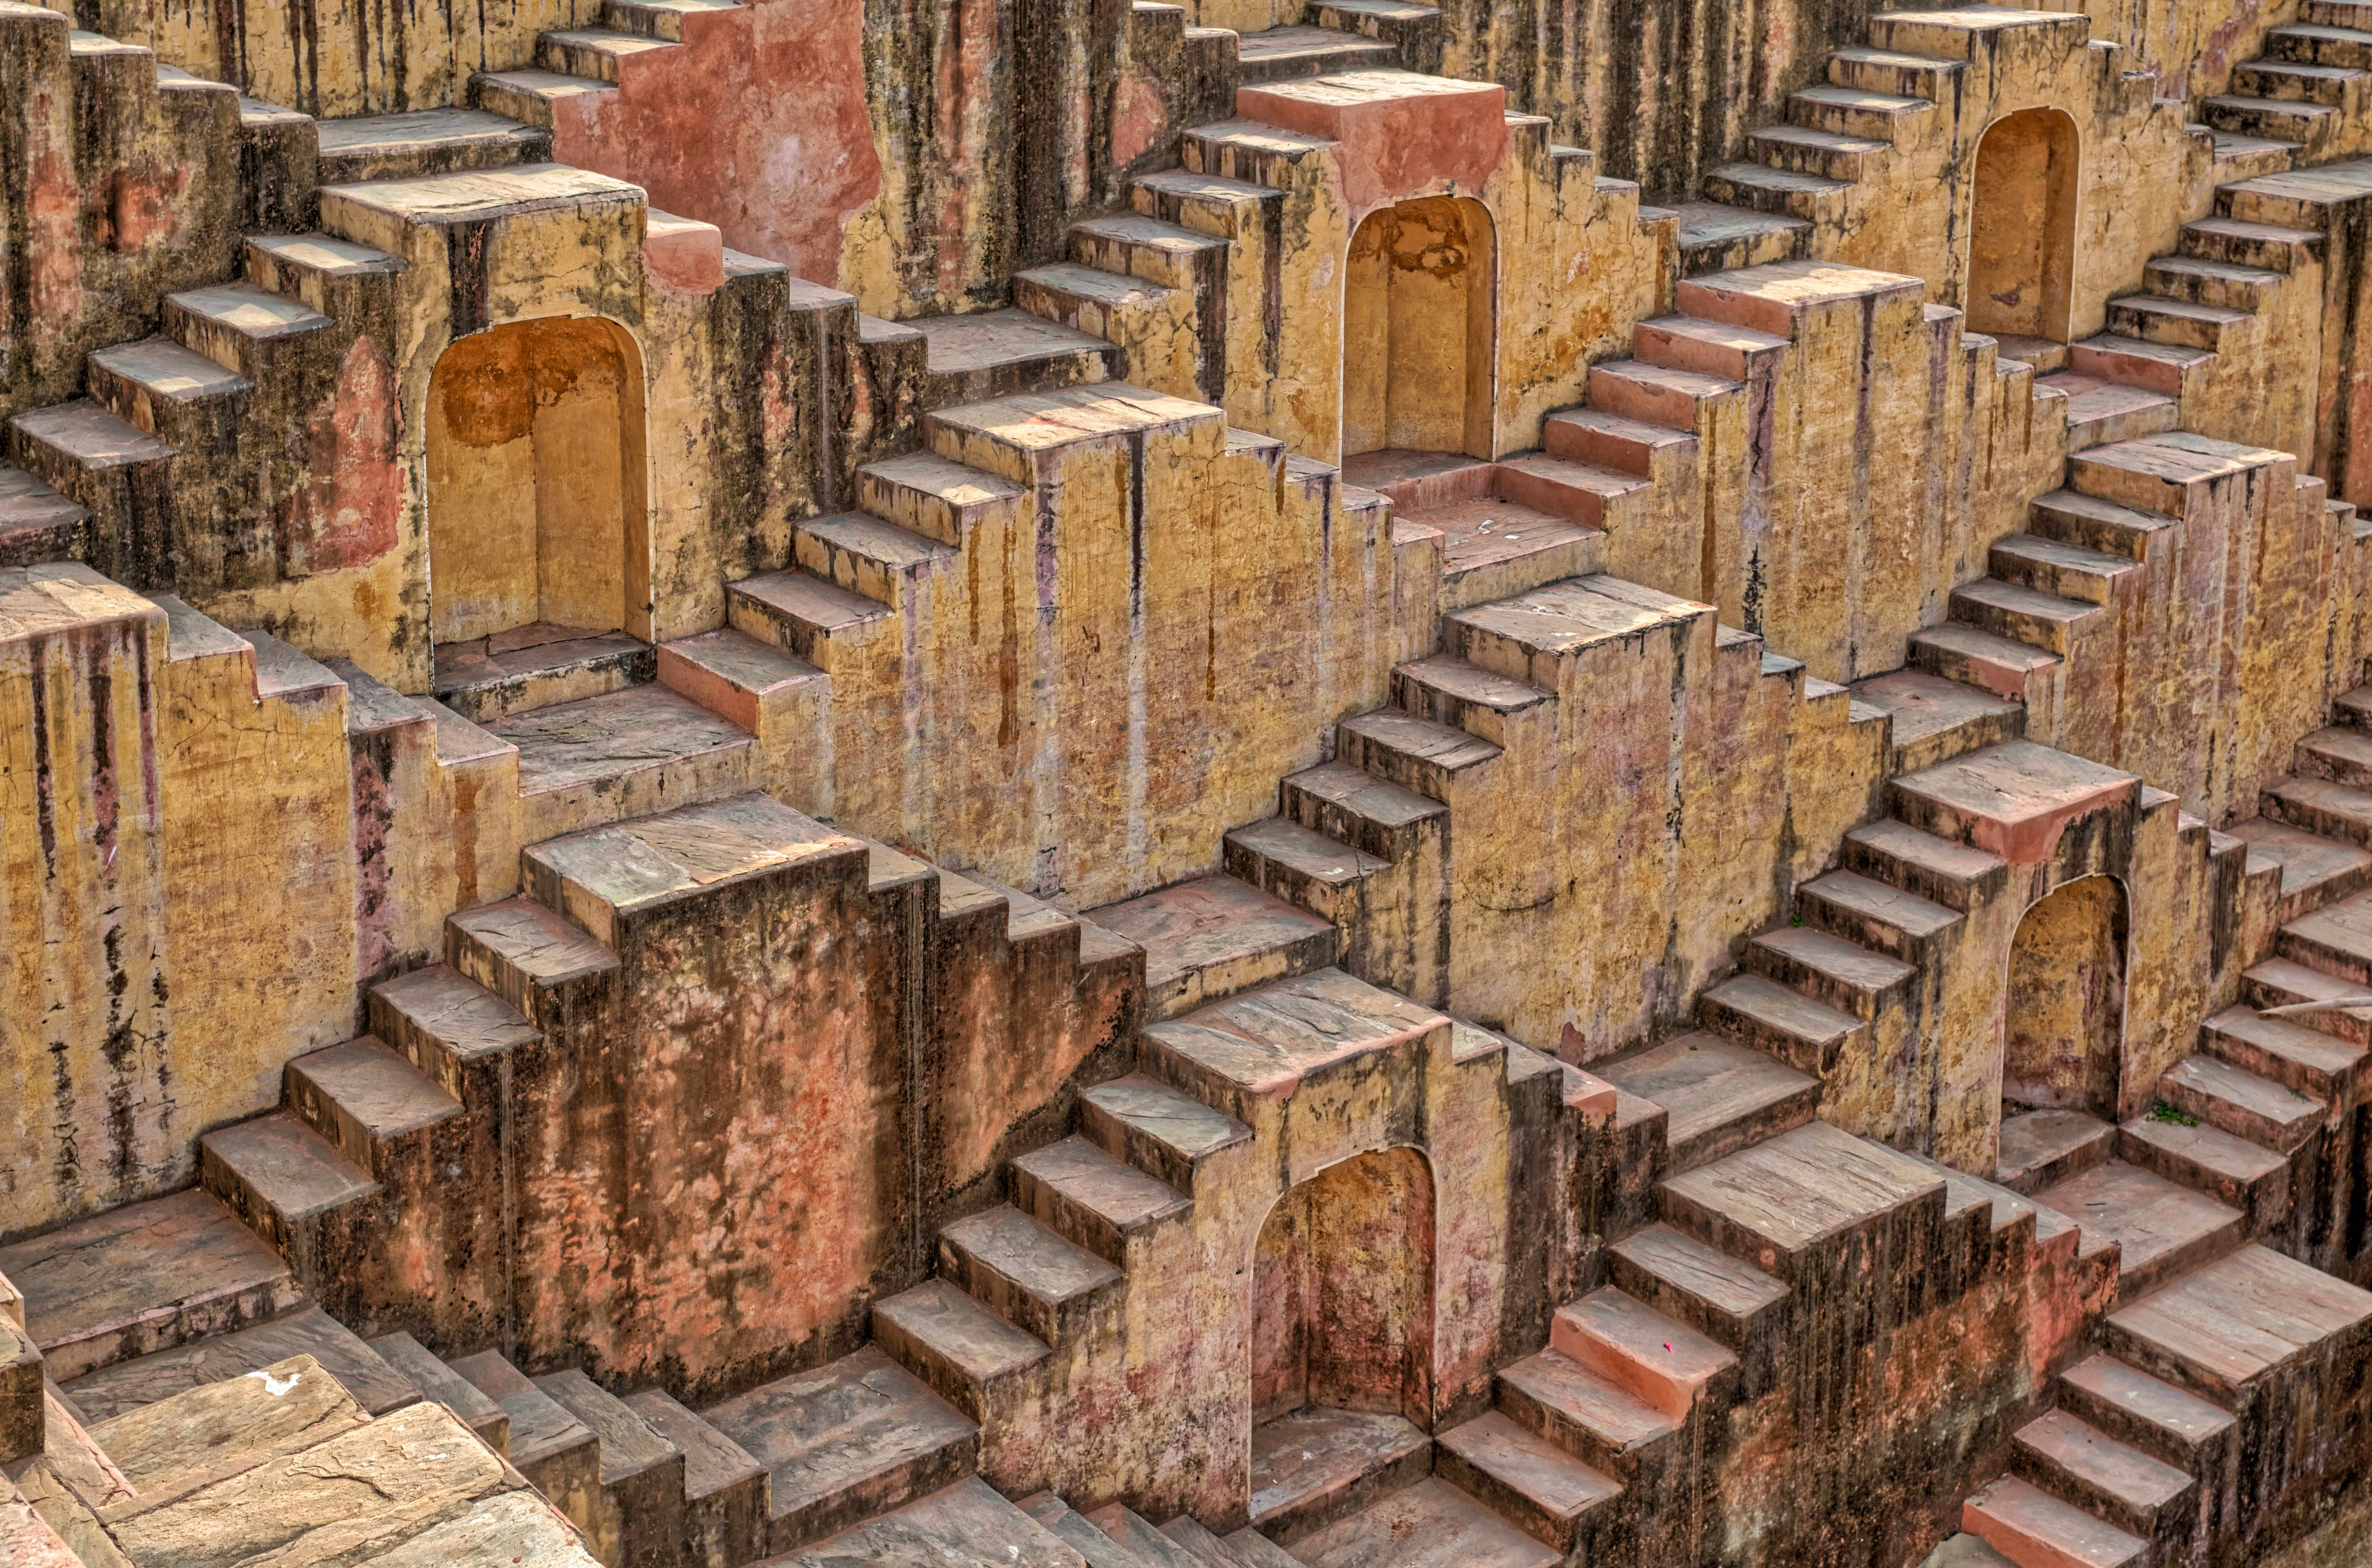 steps in a pattern